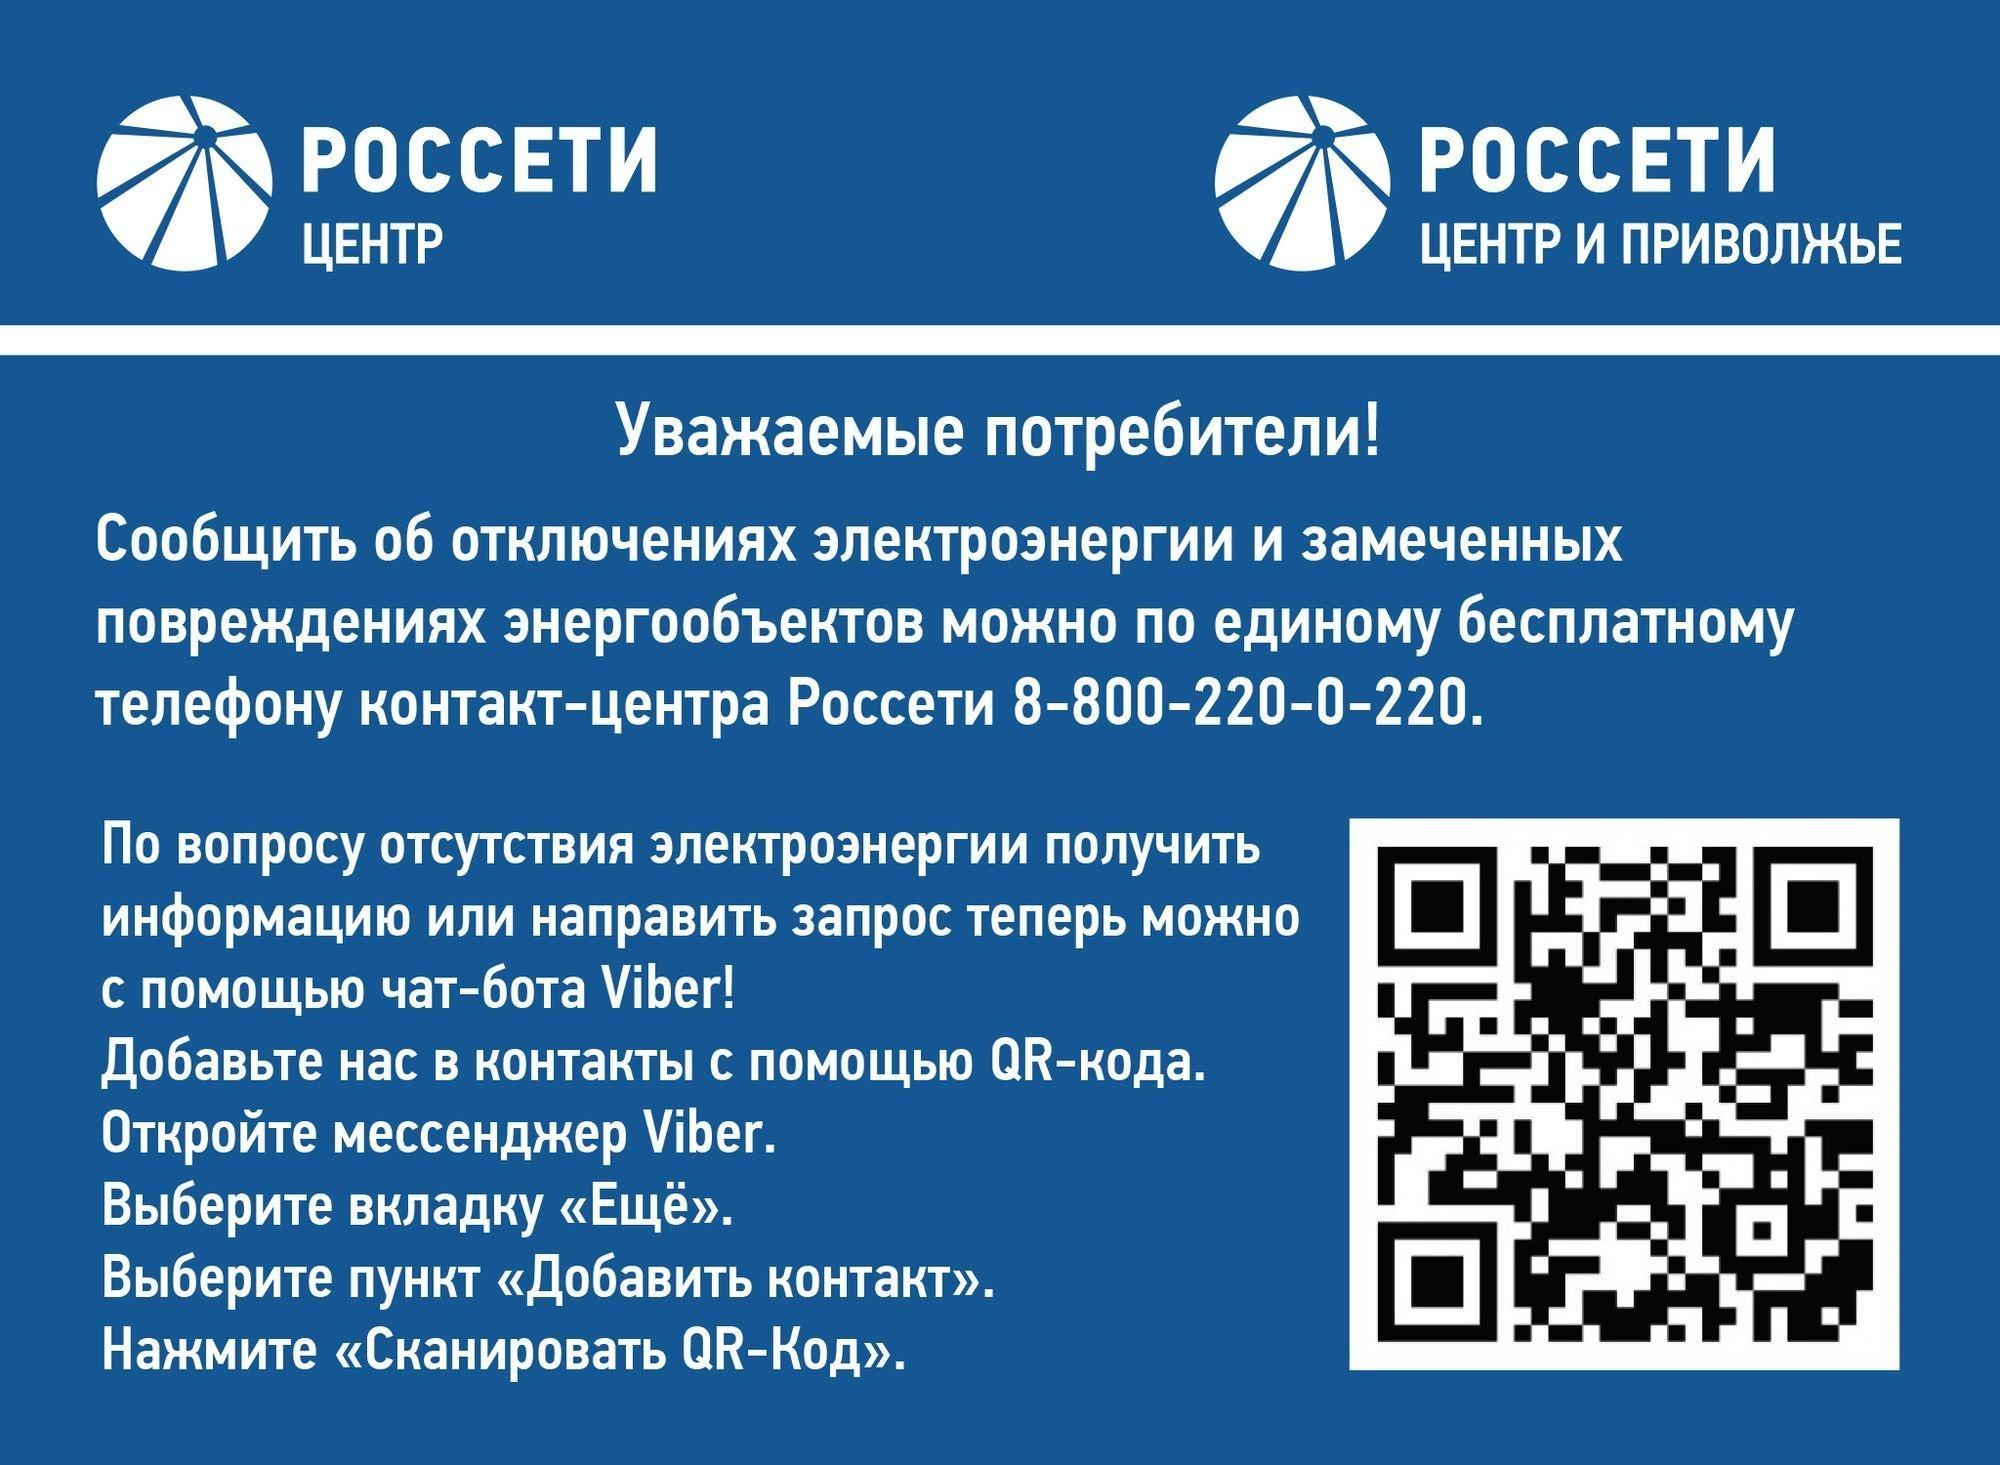 Удмуртэнерго_баннер2021.jpg